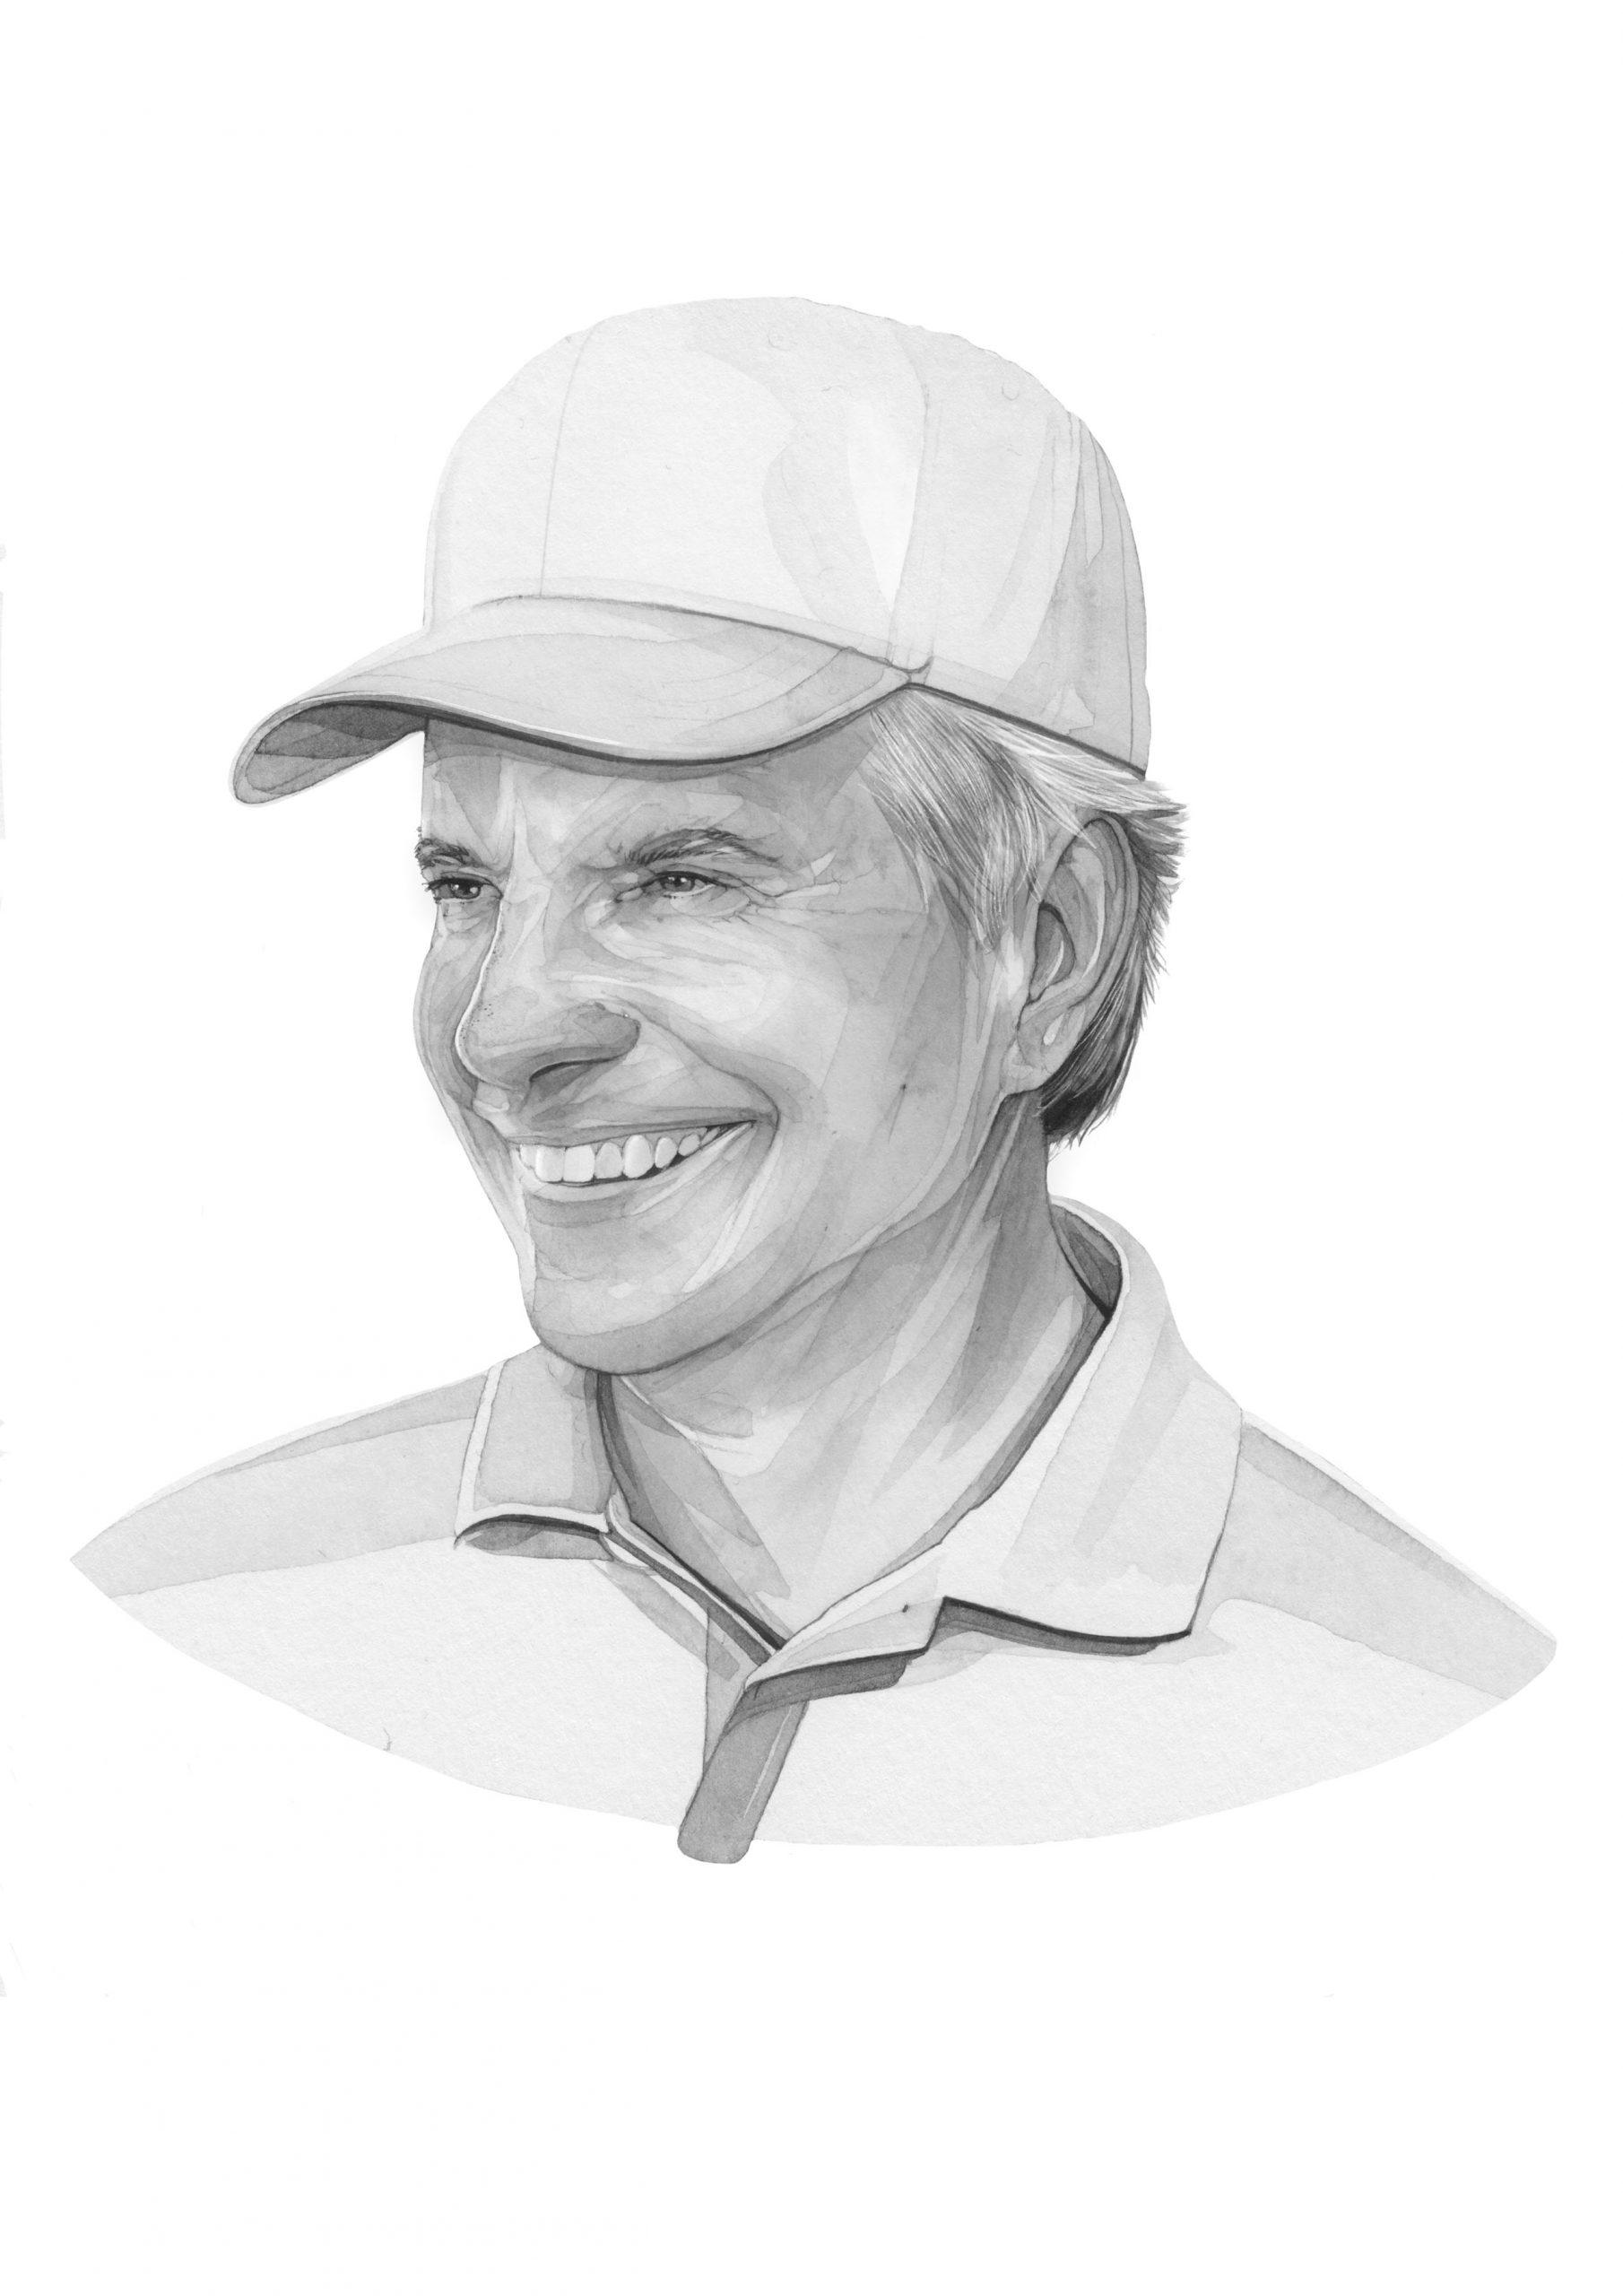 Bill Coore, Illustration